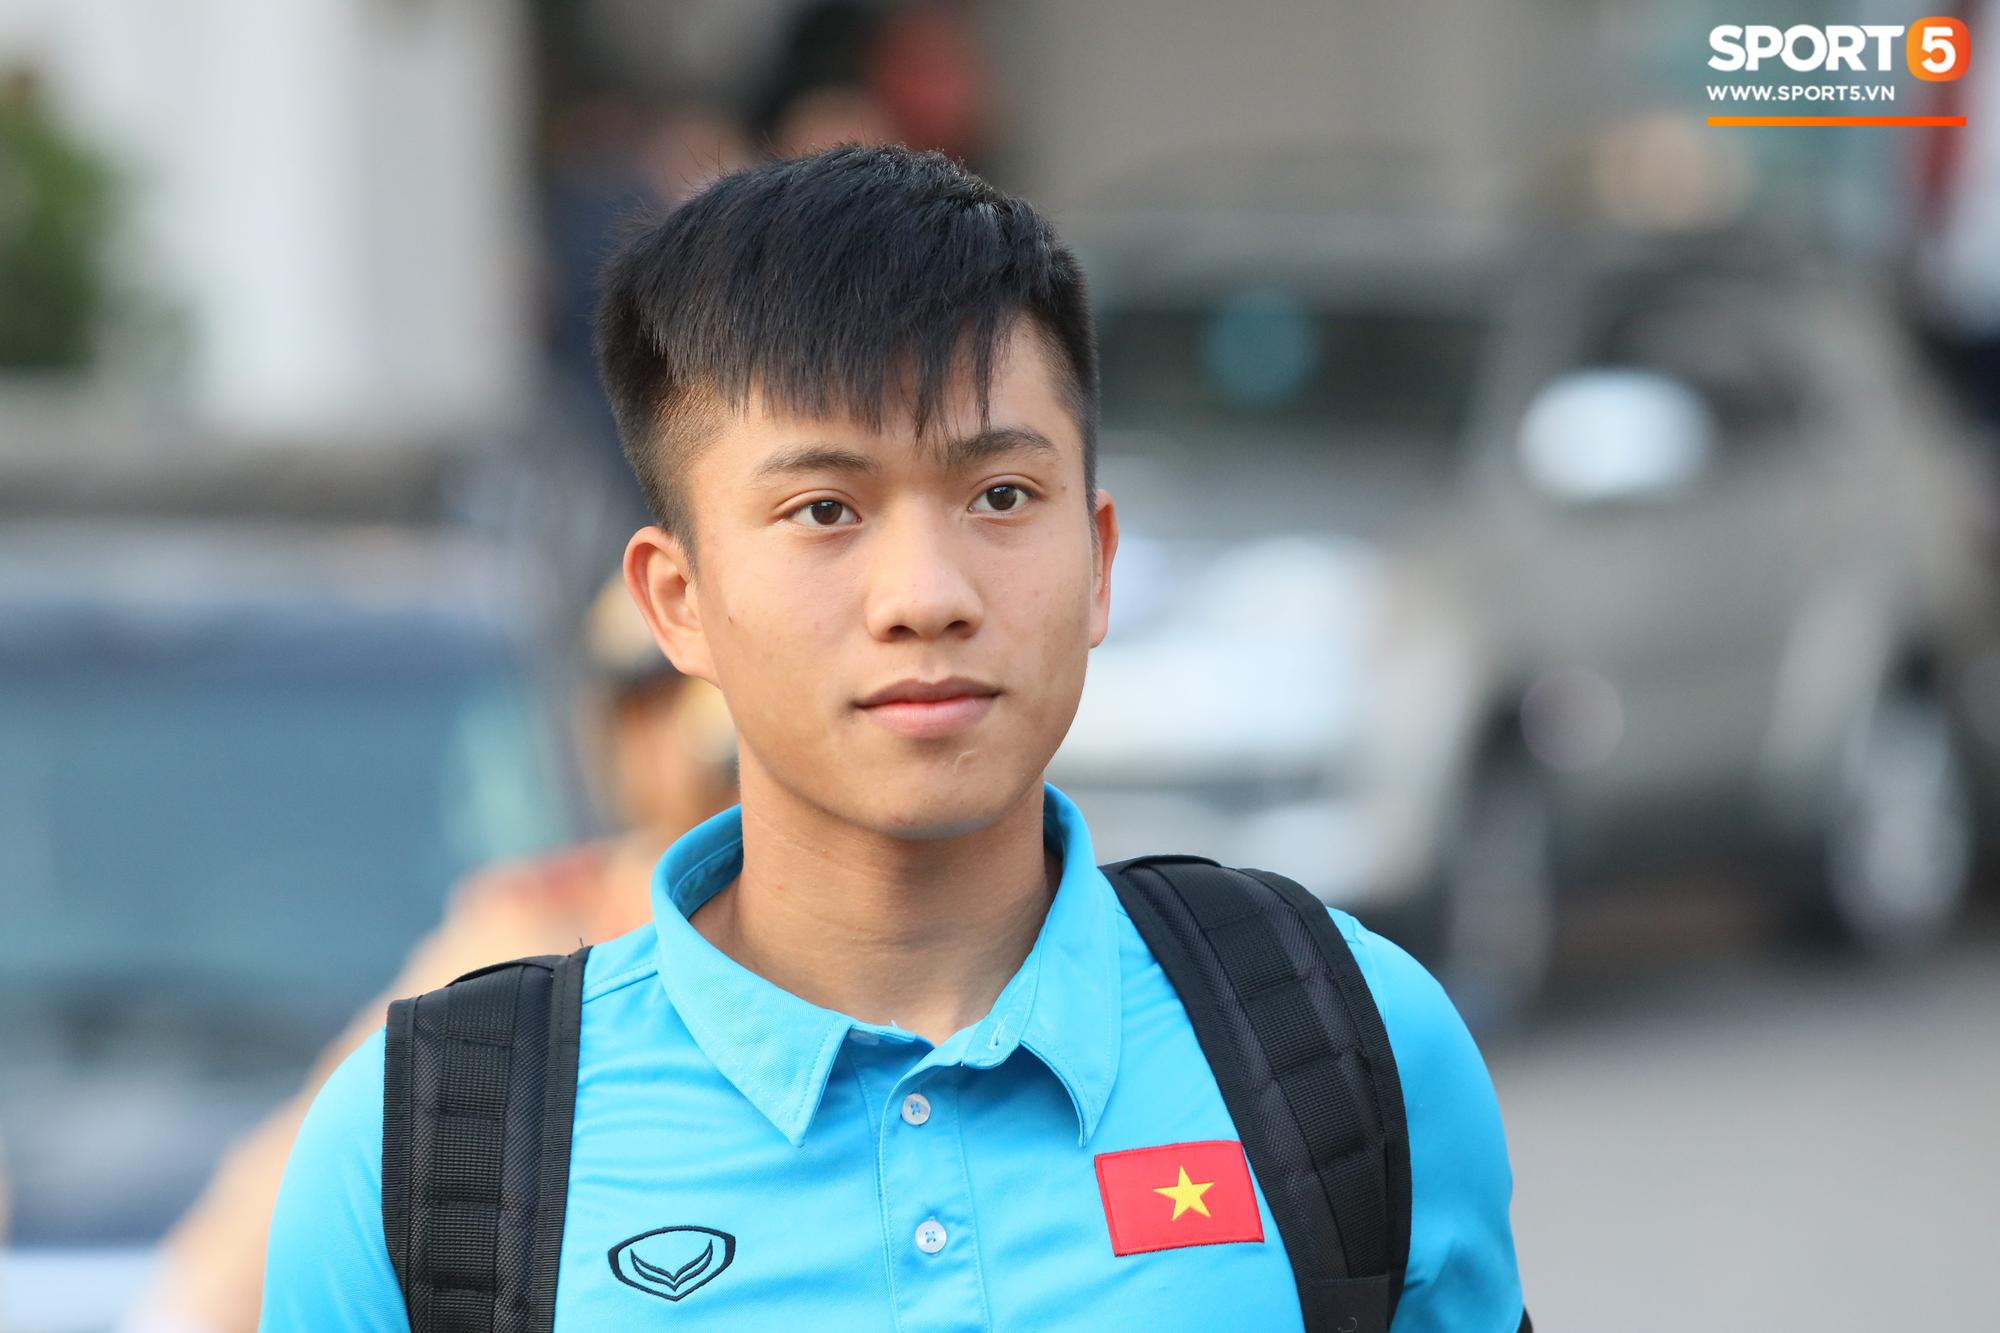 Lục Xuân Hưng chống nạng đến xem trận Việt Nam vs Triều Tiên